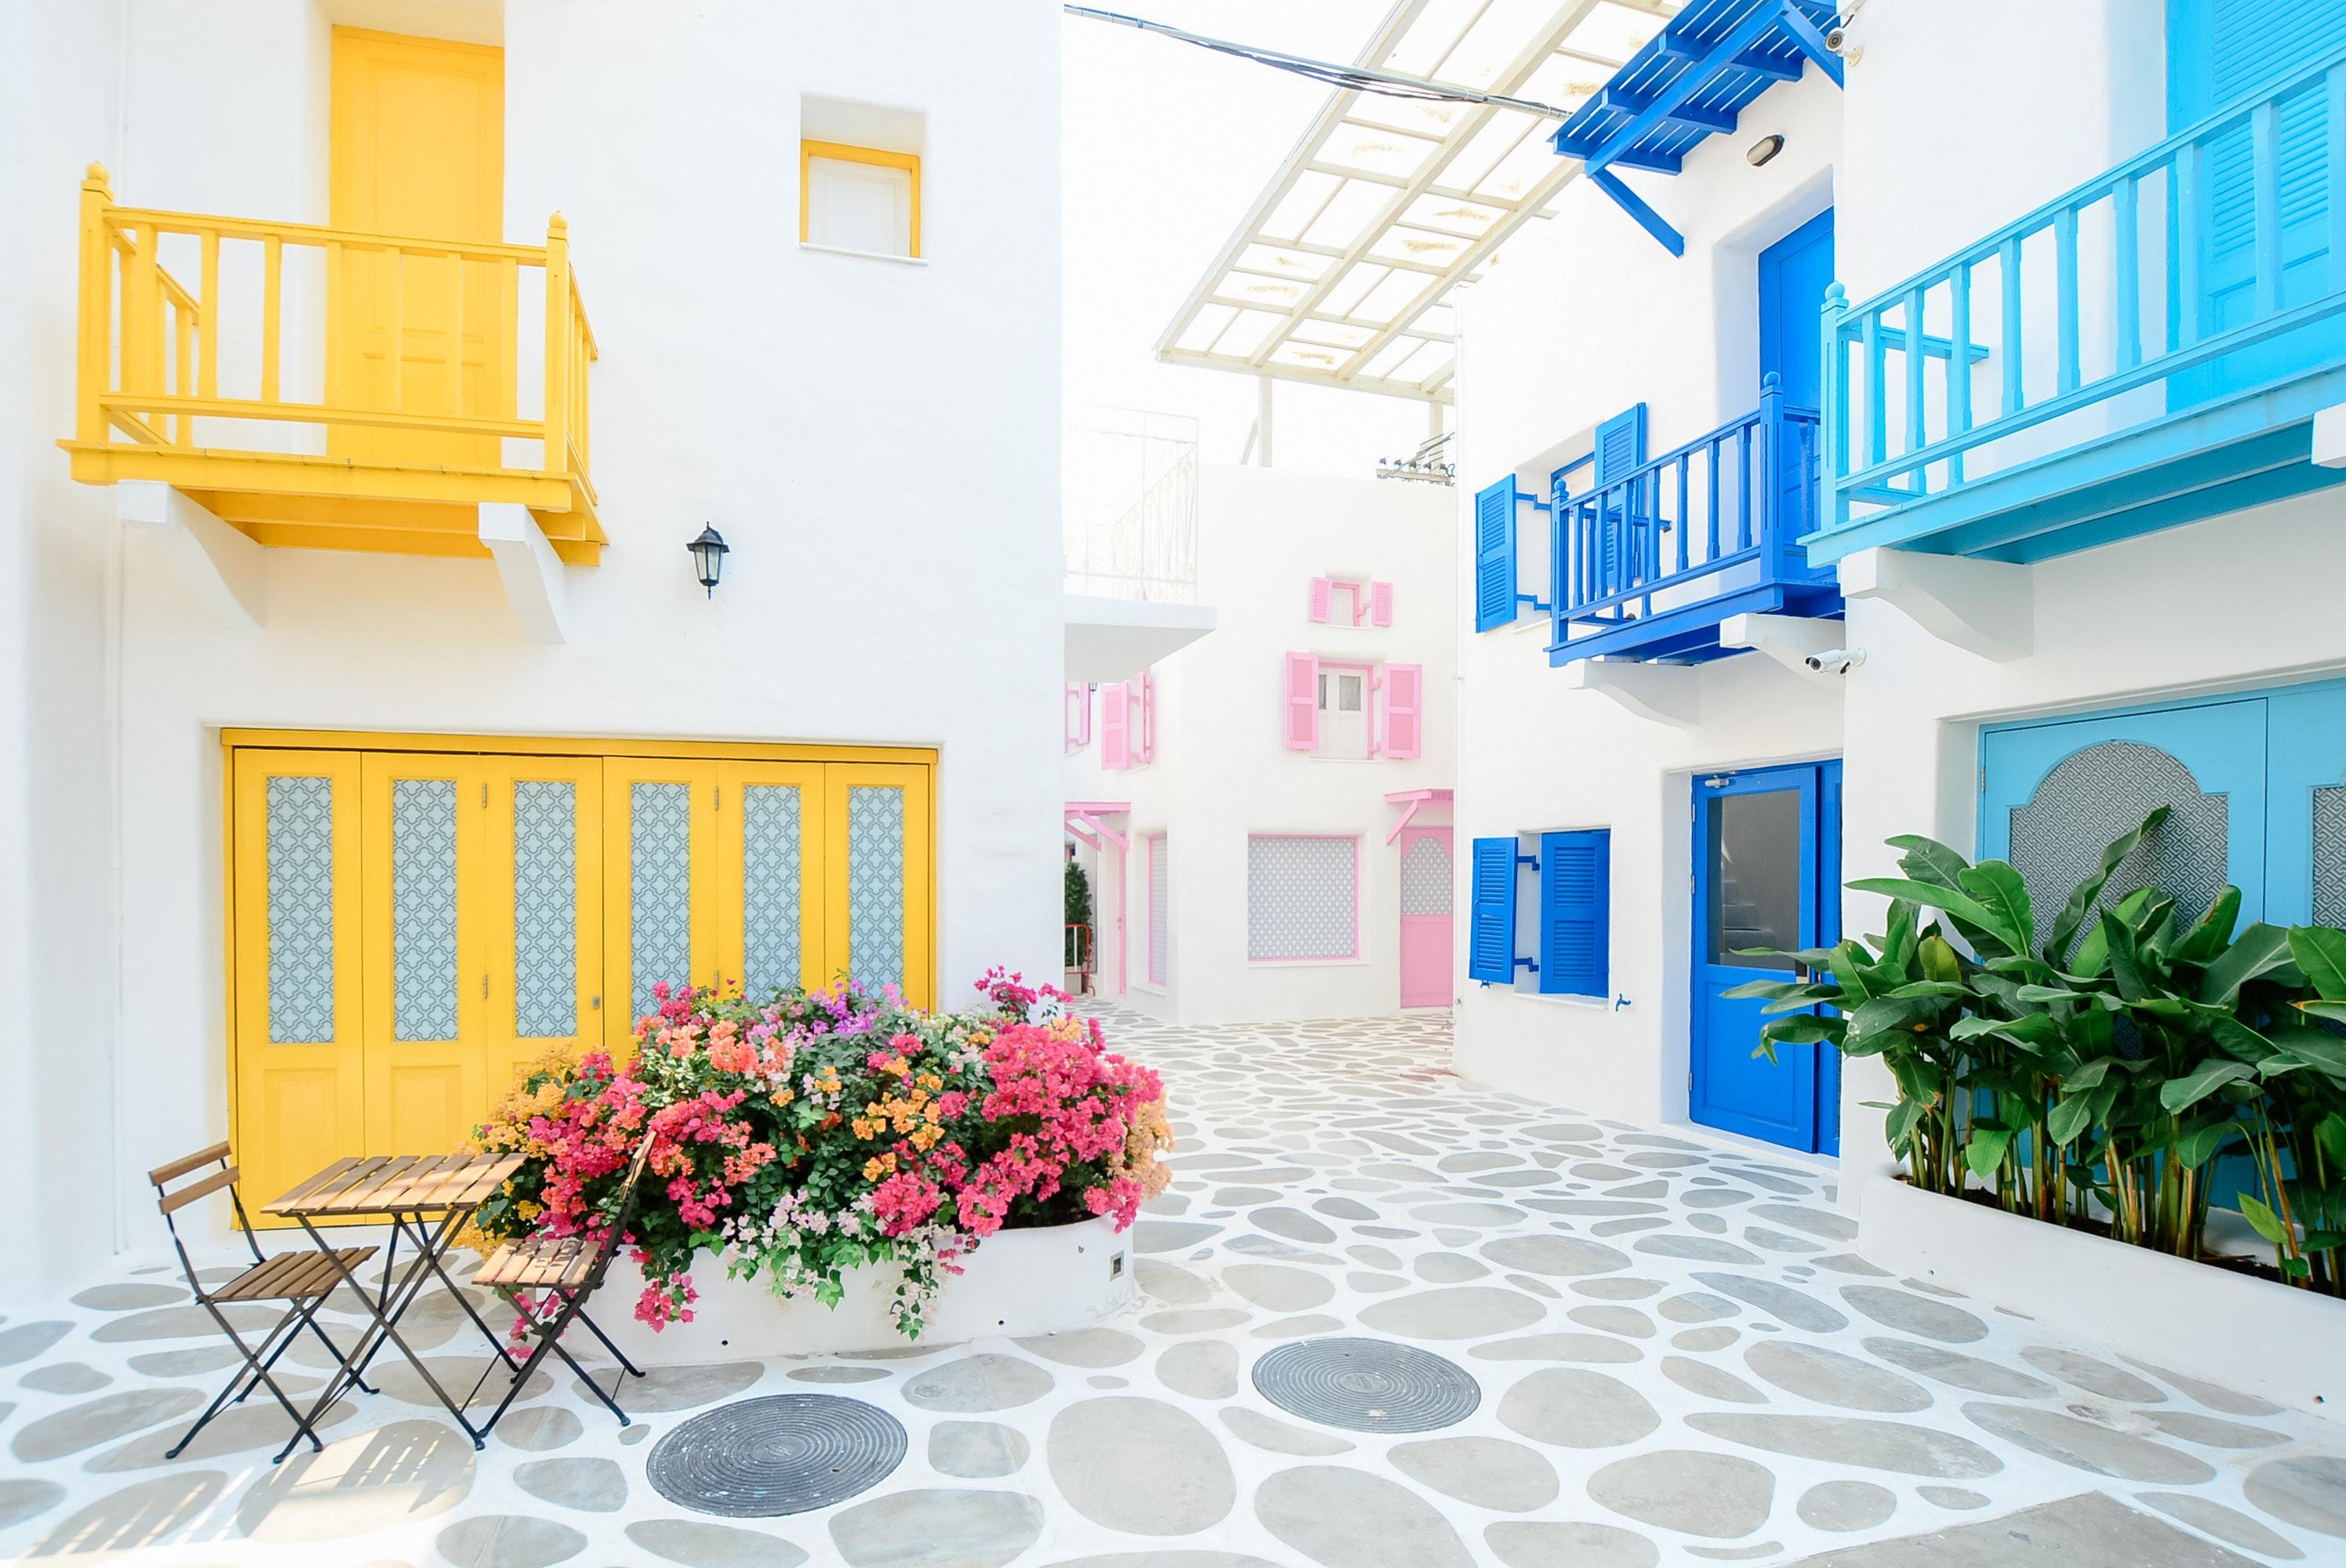 Η Ελλάδα αναμένει πάνω από 1 εκατομμύριο τουρίστες από τη Ρωσία το 2019